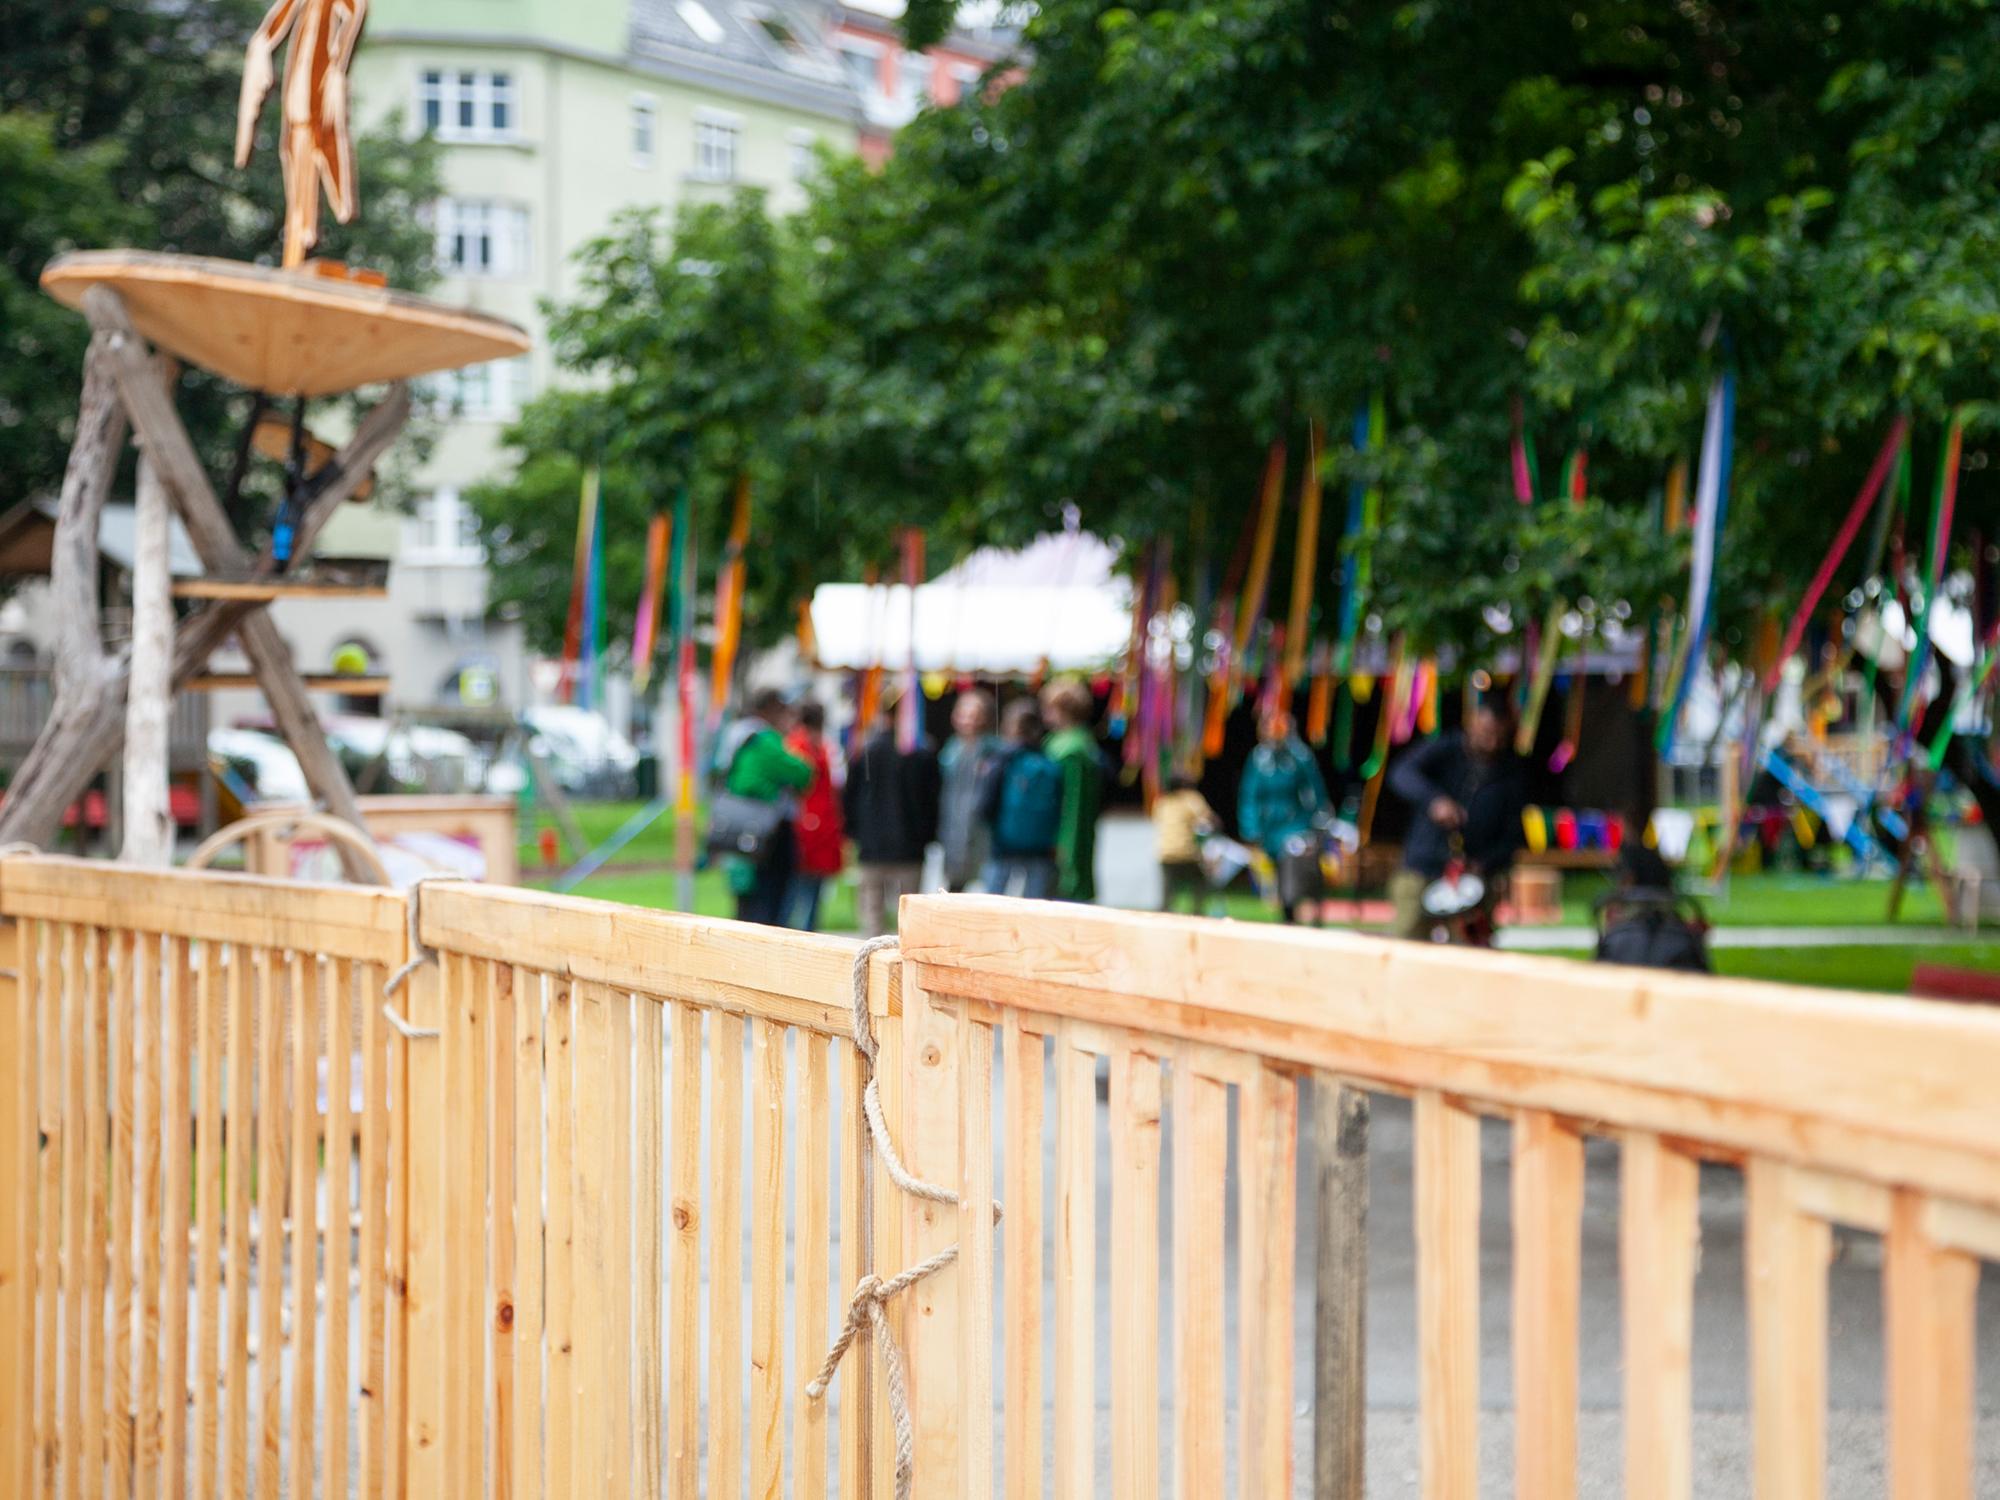 Selbstgebaute Zäune am Krapoldi Festival.